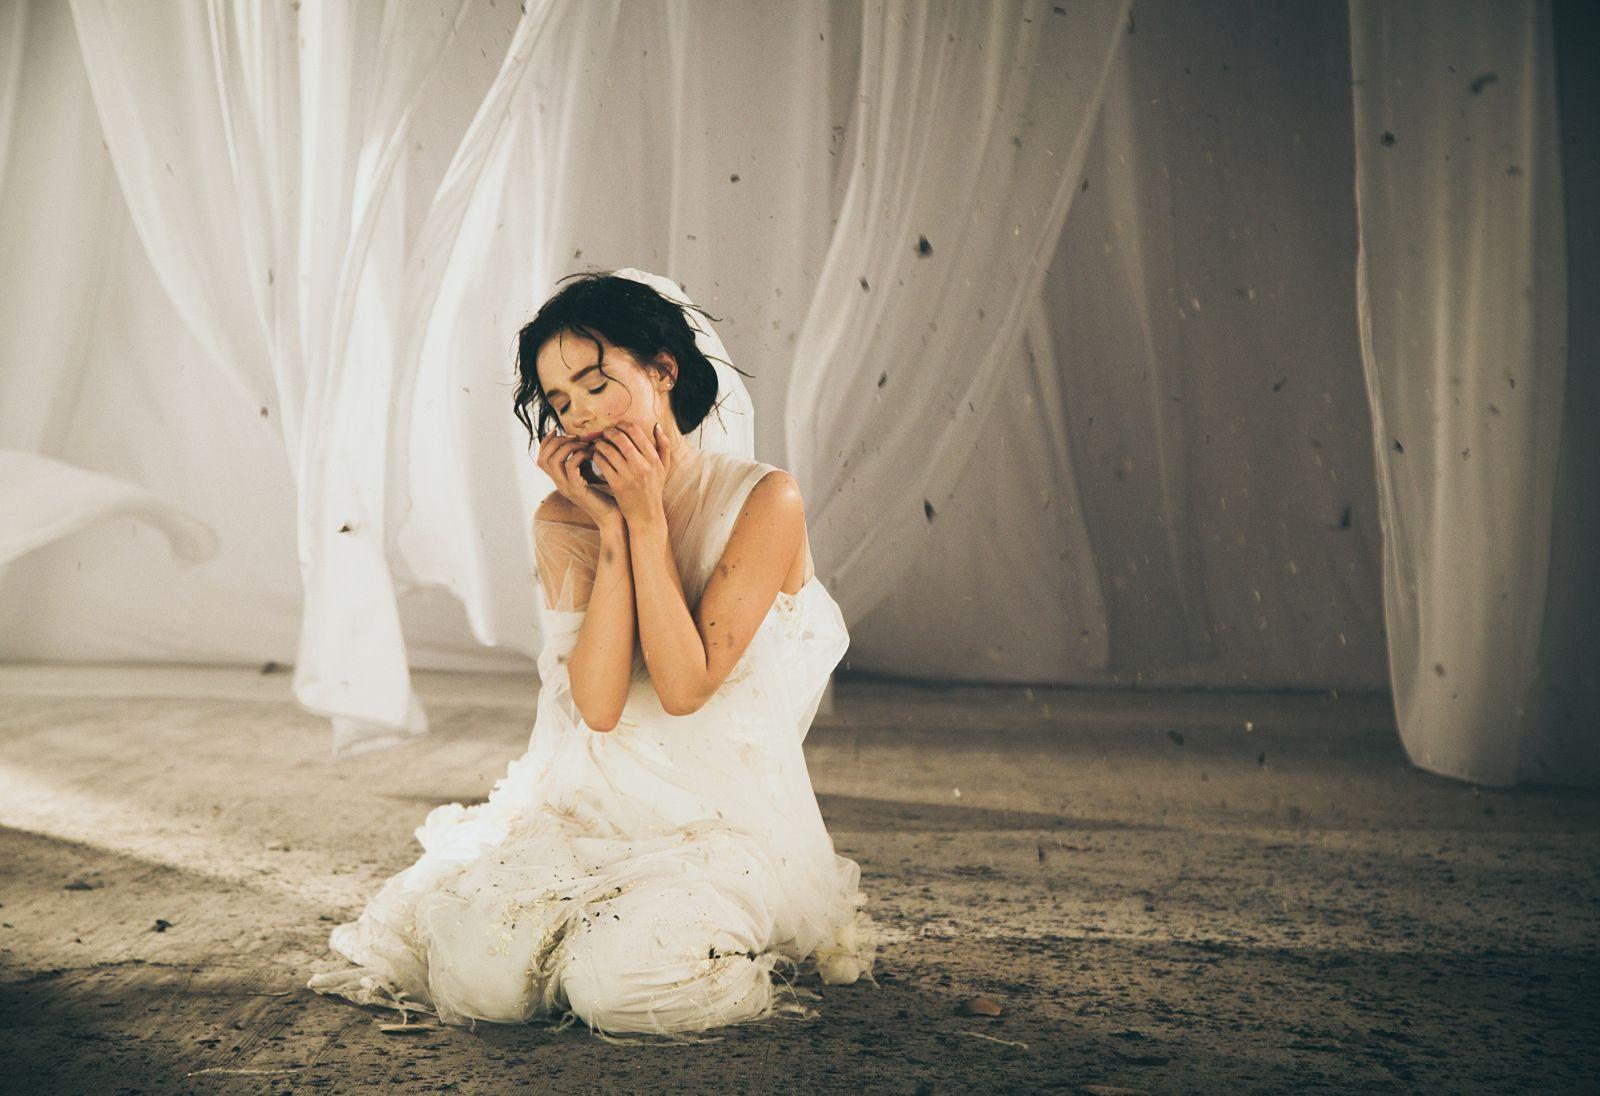 Мария Яремчук в фате и свадебном платье снялась в чувственном видео